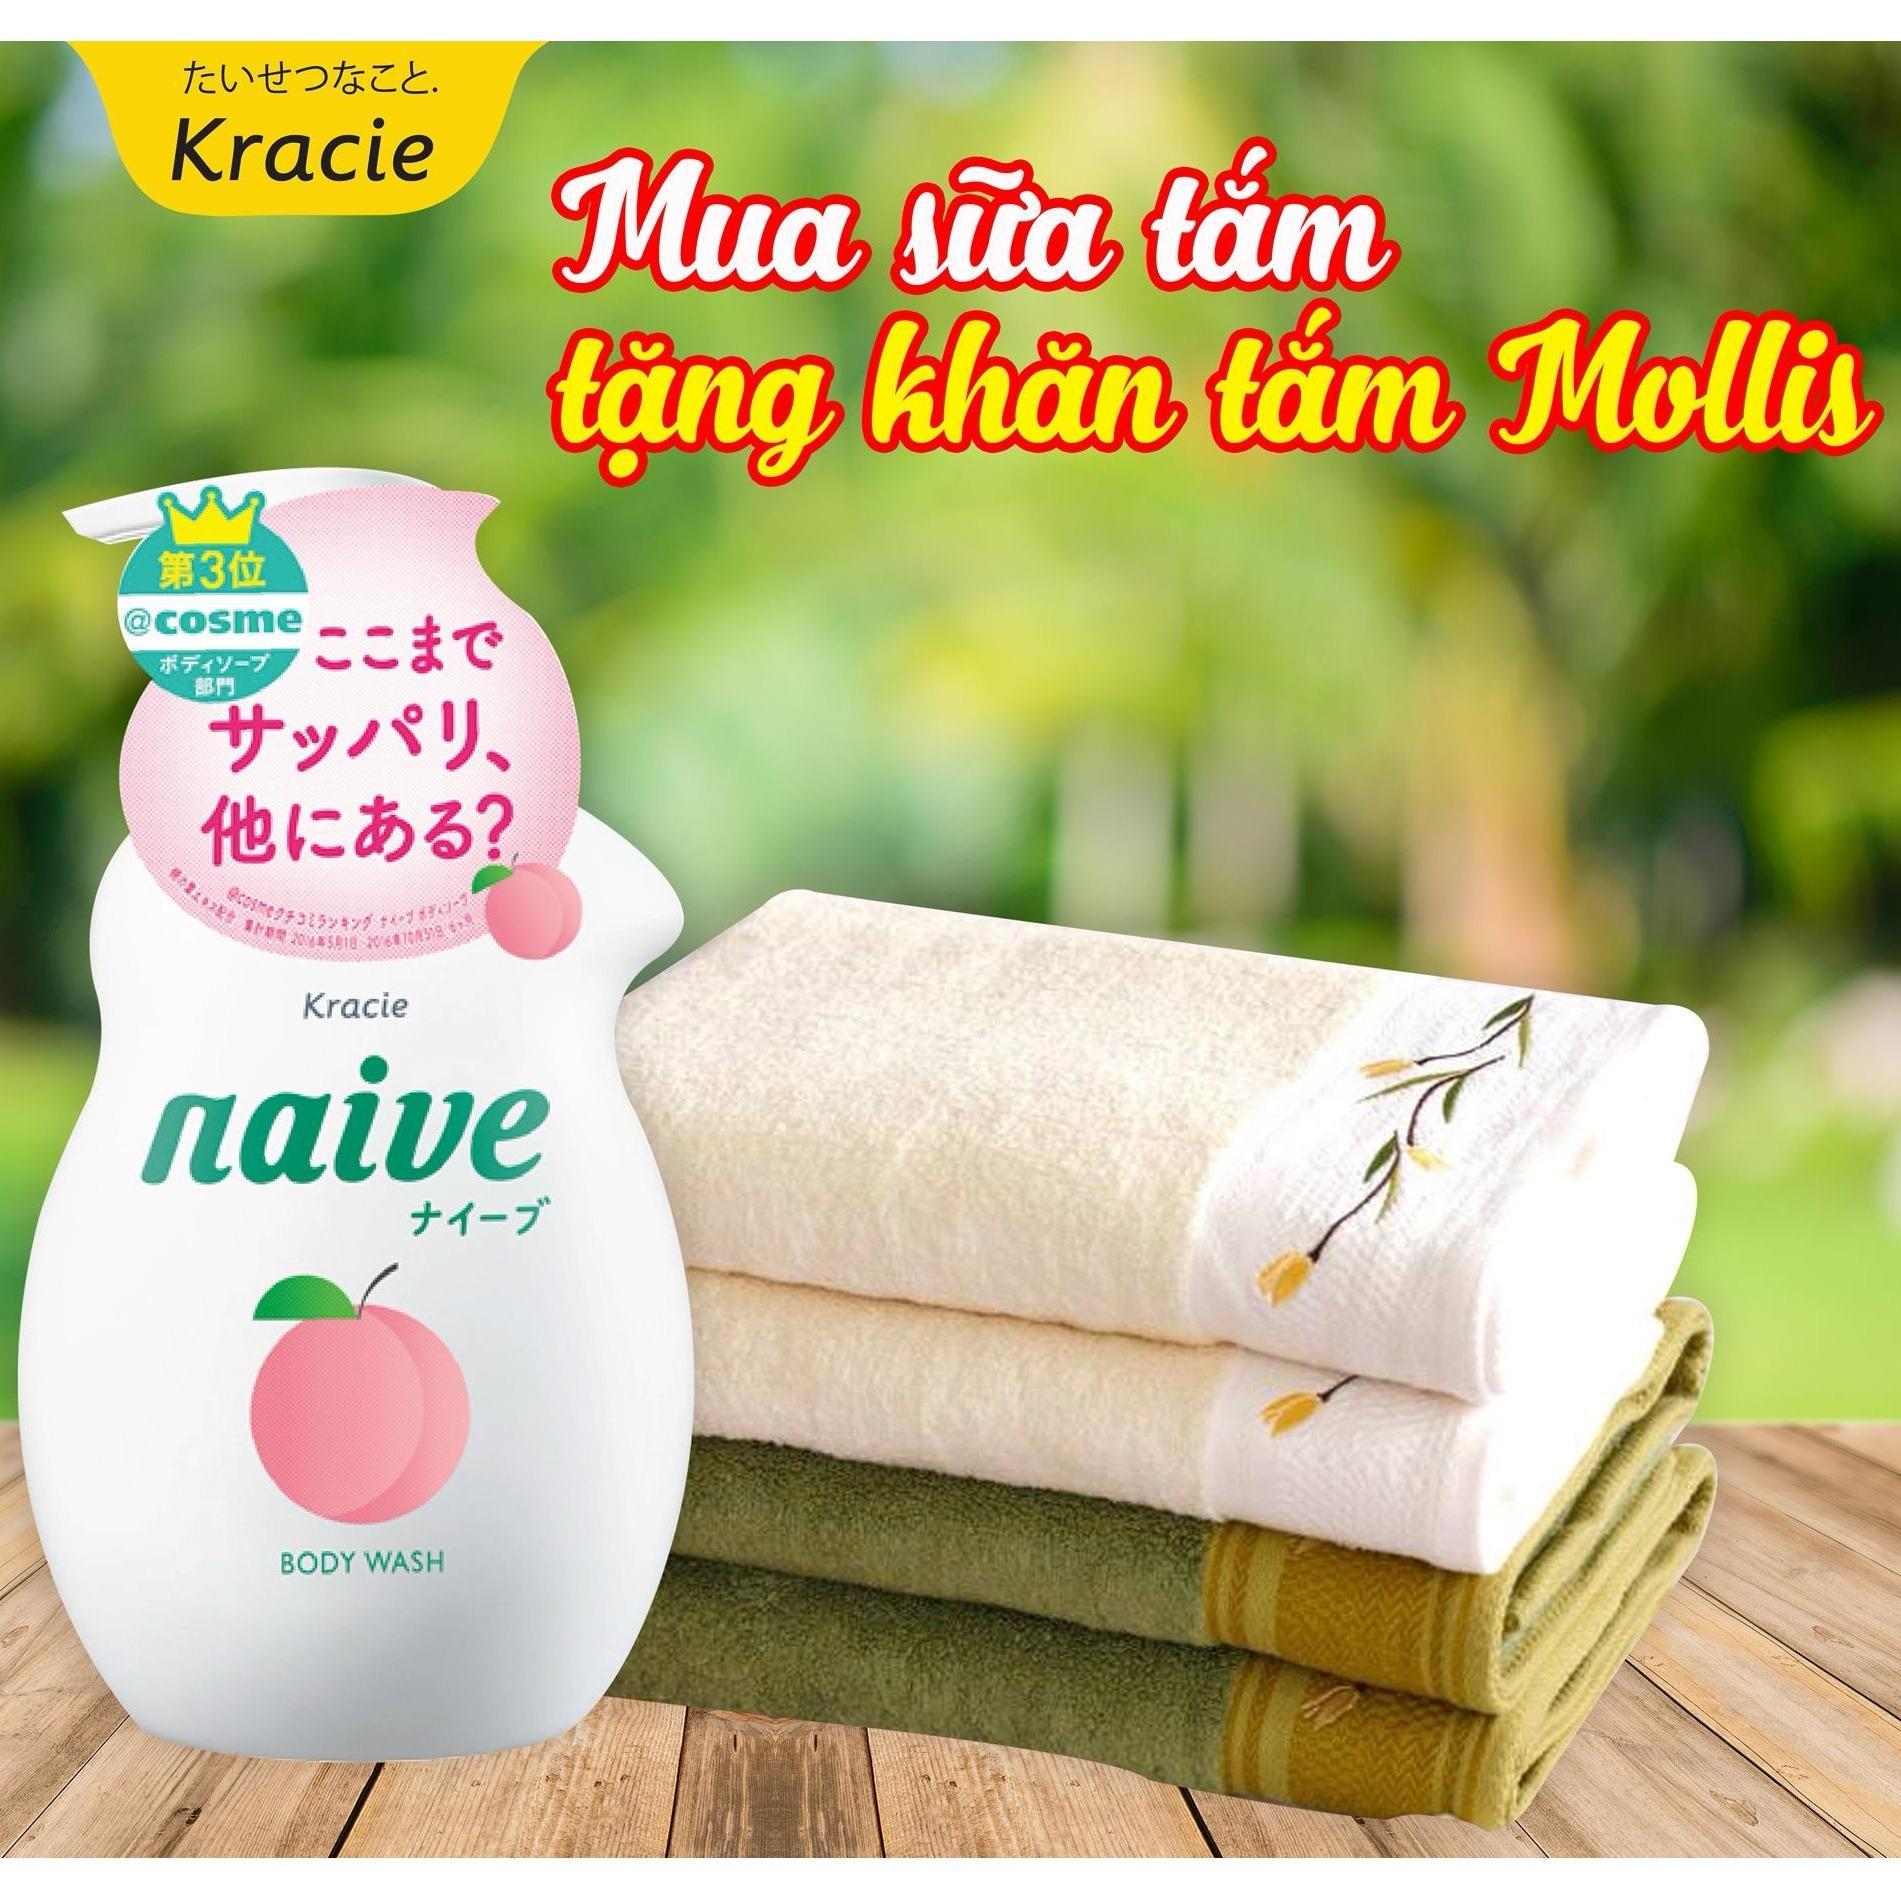 Chiết Khấu Sữa Tắm La Đao Naive 530Ml Tặng Khăn Tắm Mollis Hà Nội